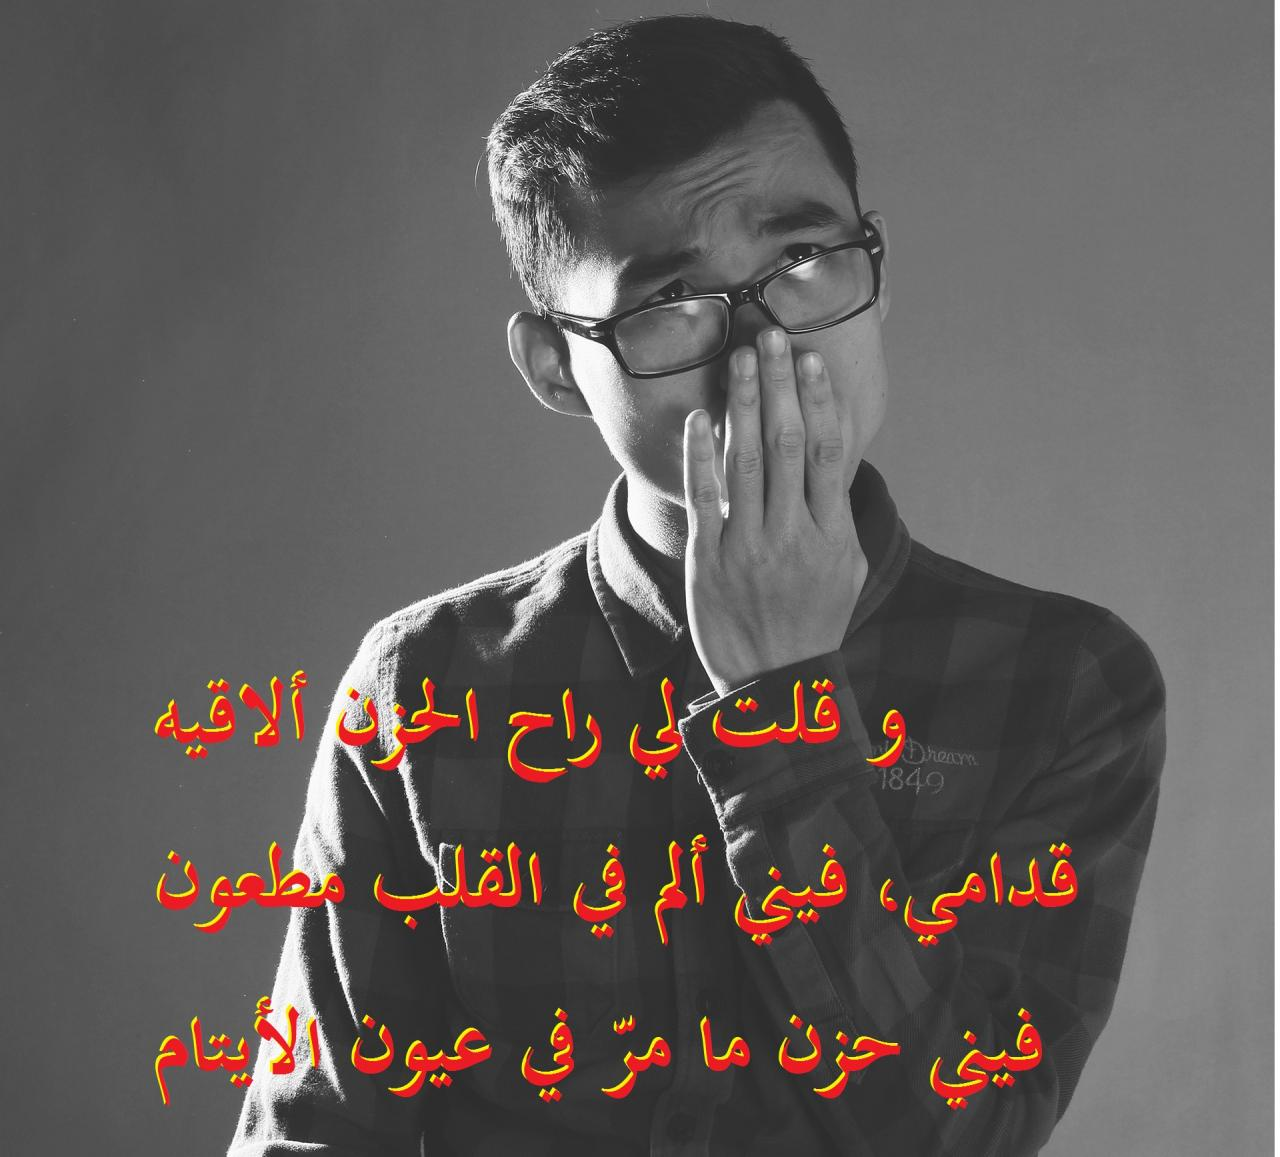 صورة صور حزينه مكتوب عليها كلام حزين , كلمات حزن من القلب